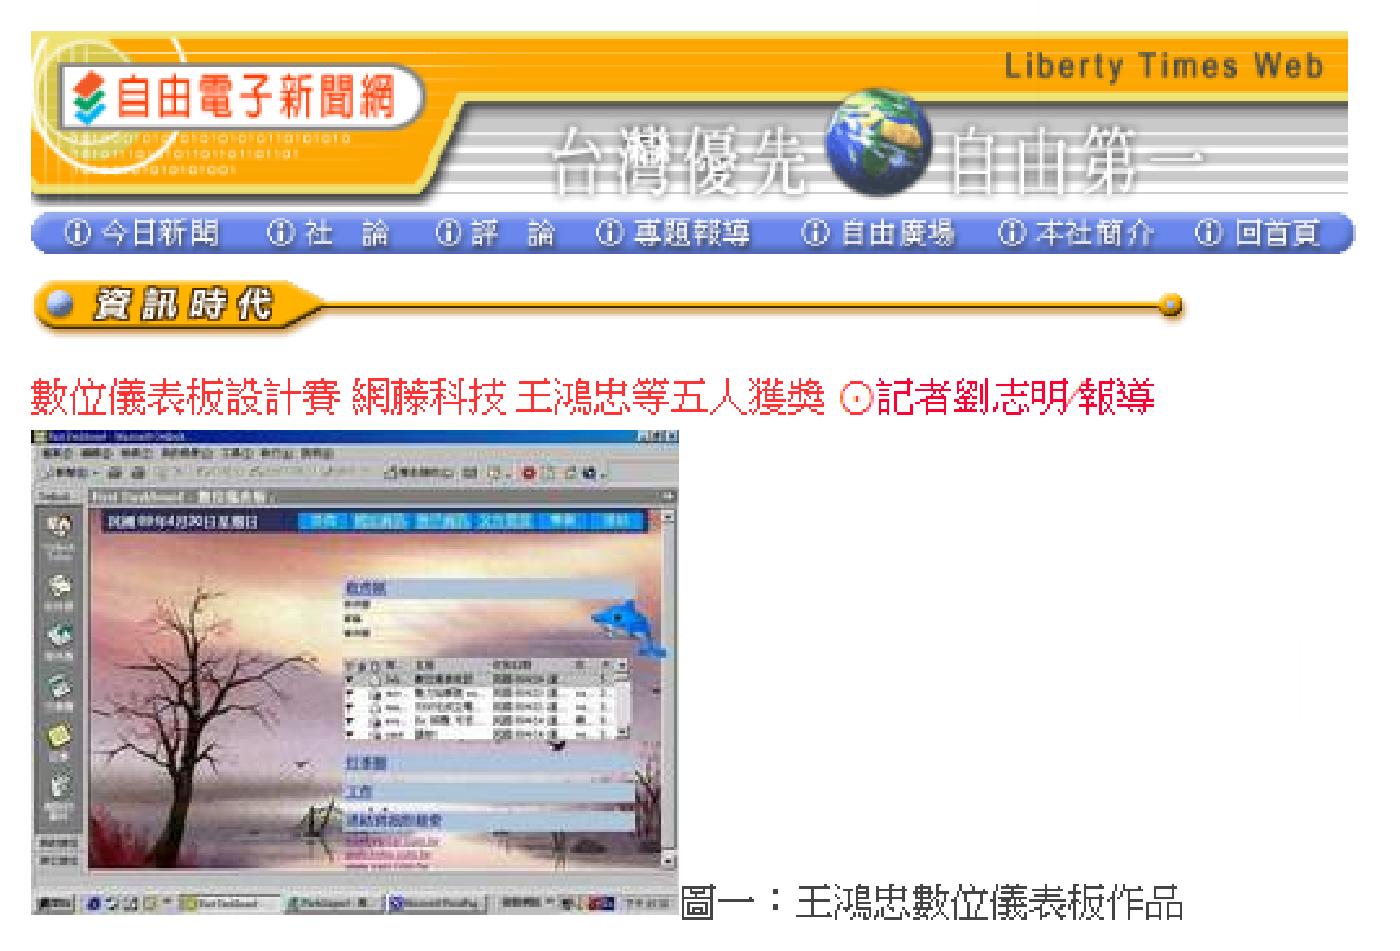 網站設計王鴻忠獲獎